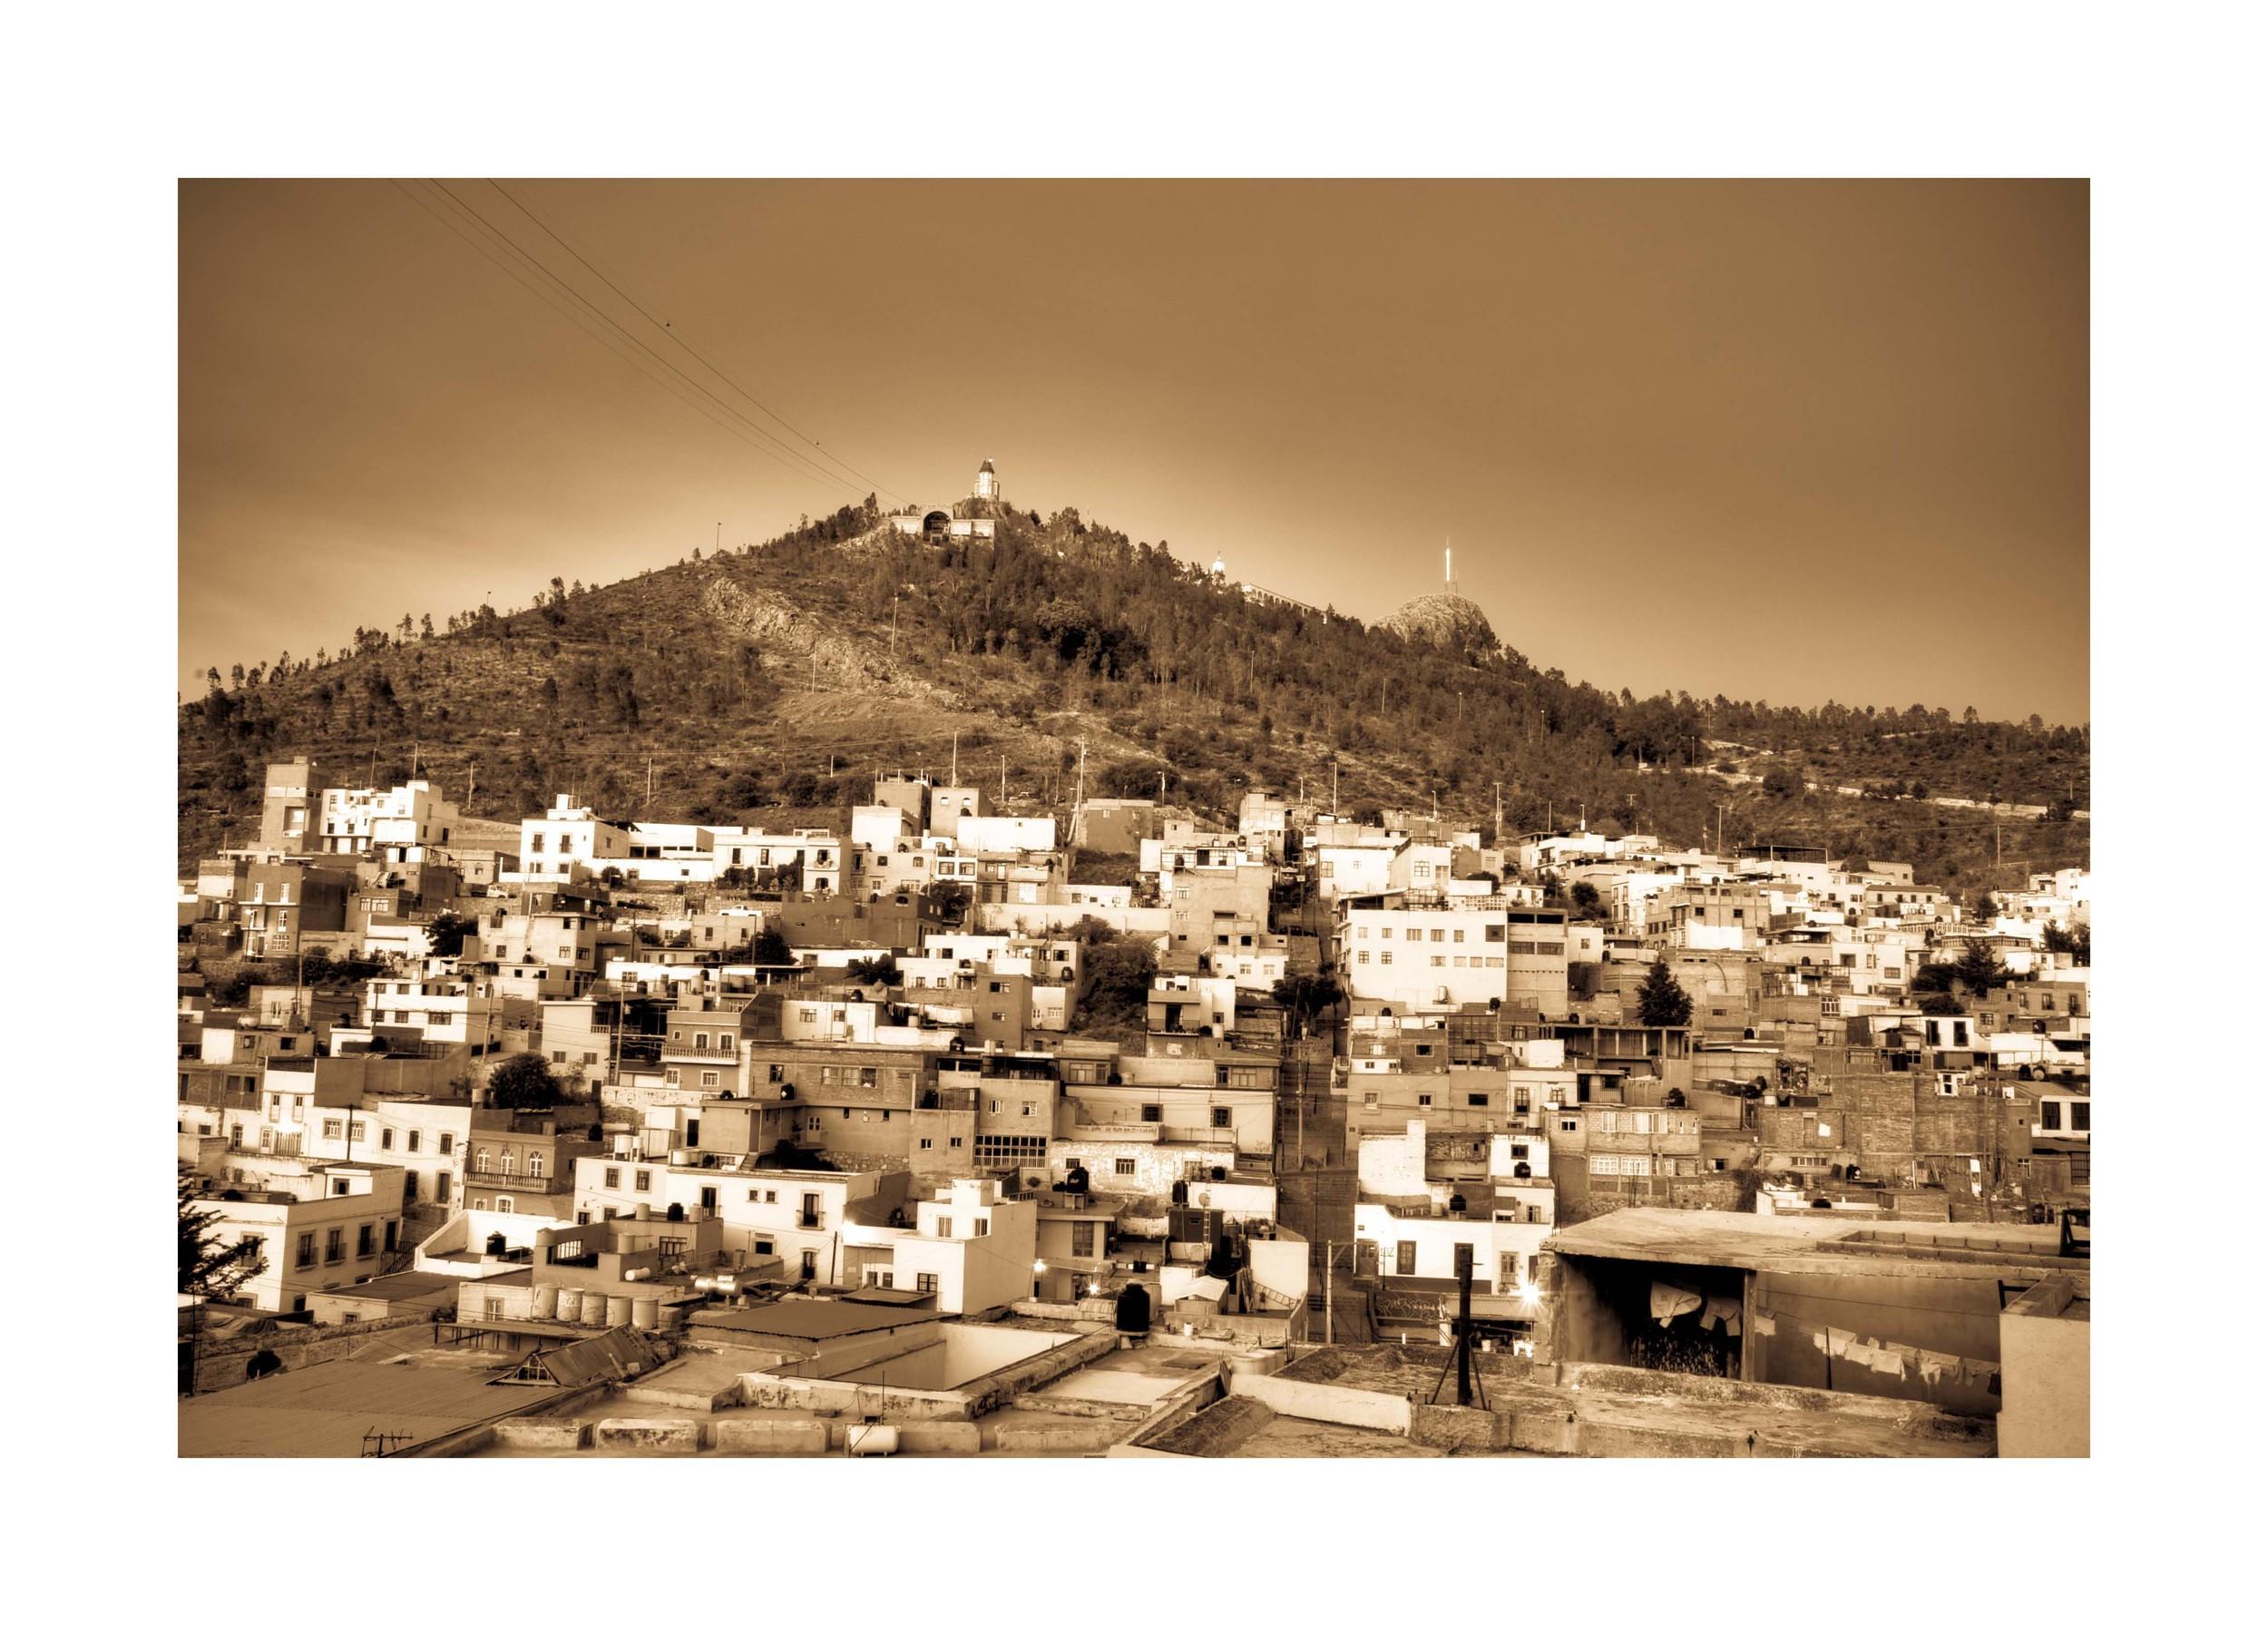 Zacatecas_4.jpg